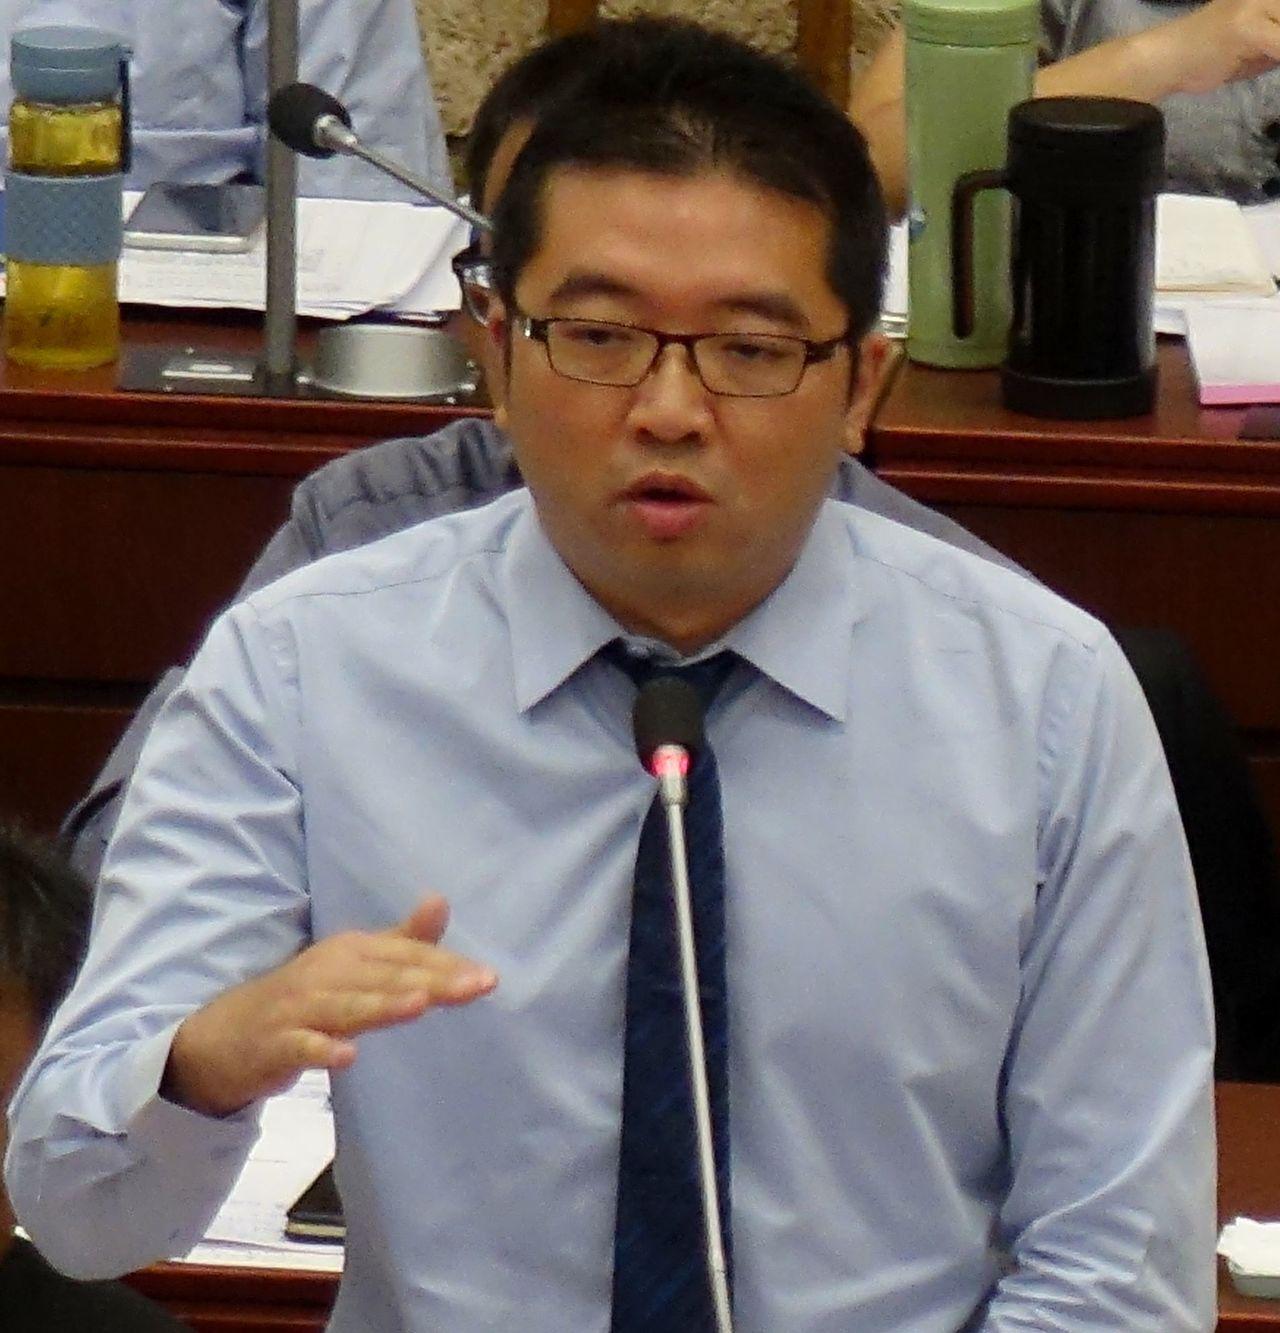 高雄市青年局長林鼎超首次列席議會備詢,屢被問到百億青創基金相關問題。圖/聯合報資...